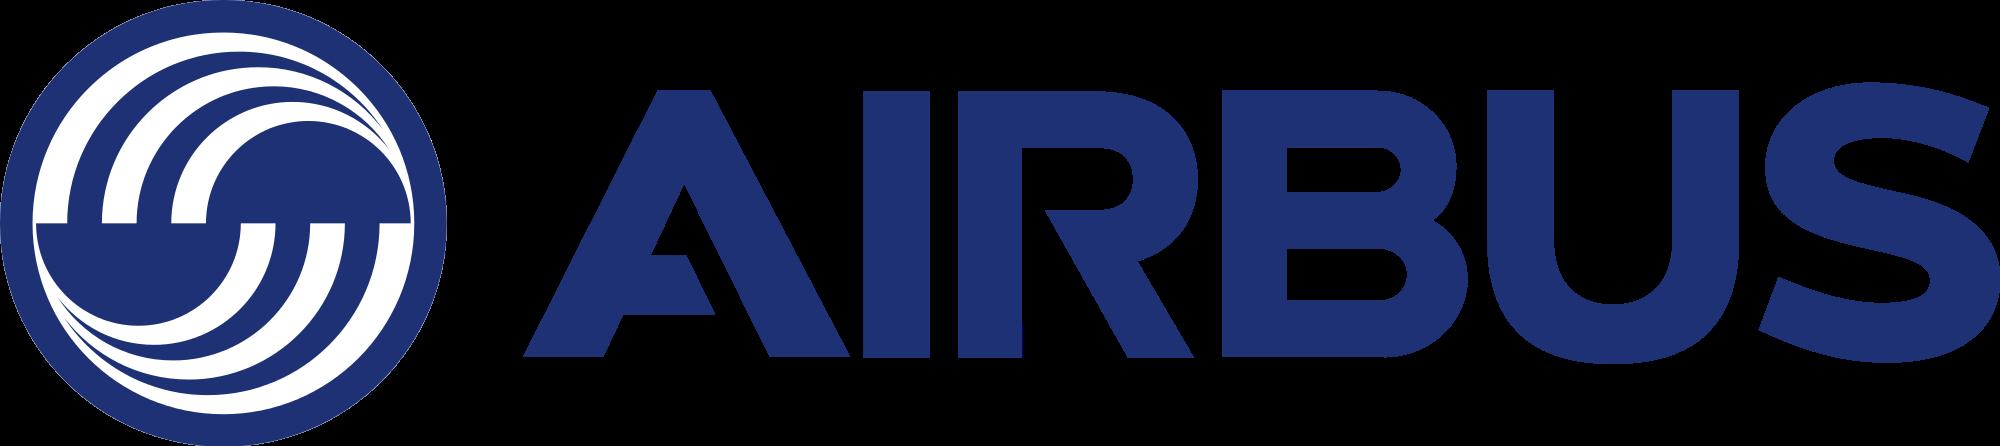 Airbus_Isologotype_svg